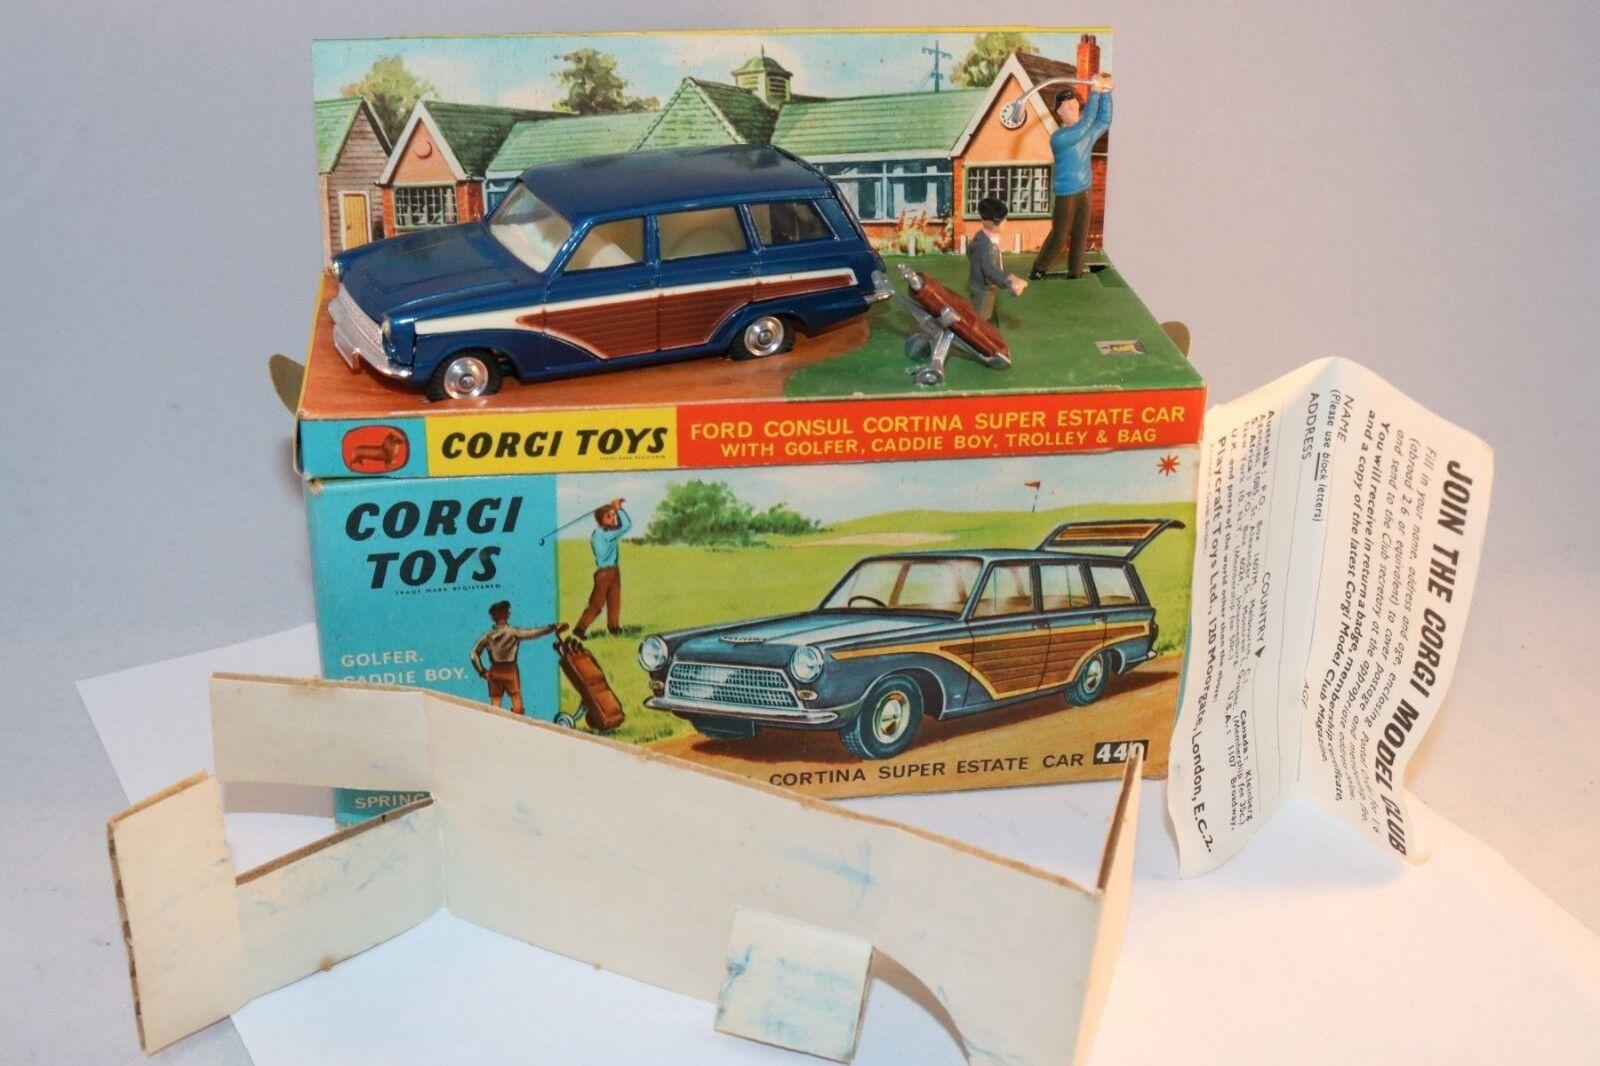 Corgi Toys 440 Ford Consul Cortina Super Estate Car mint in mint box superb